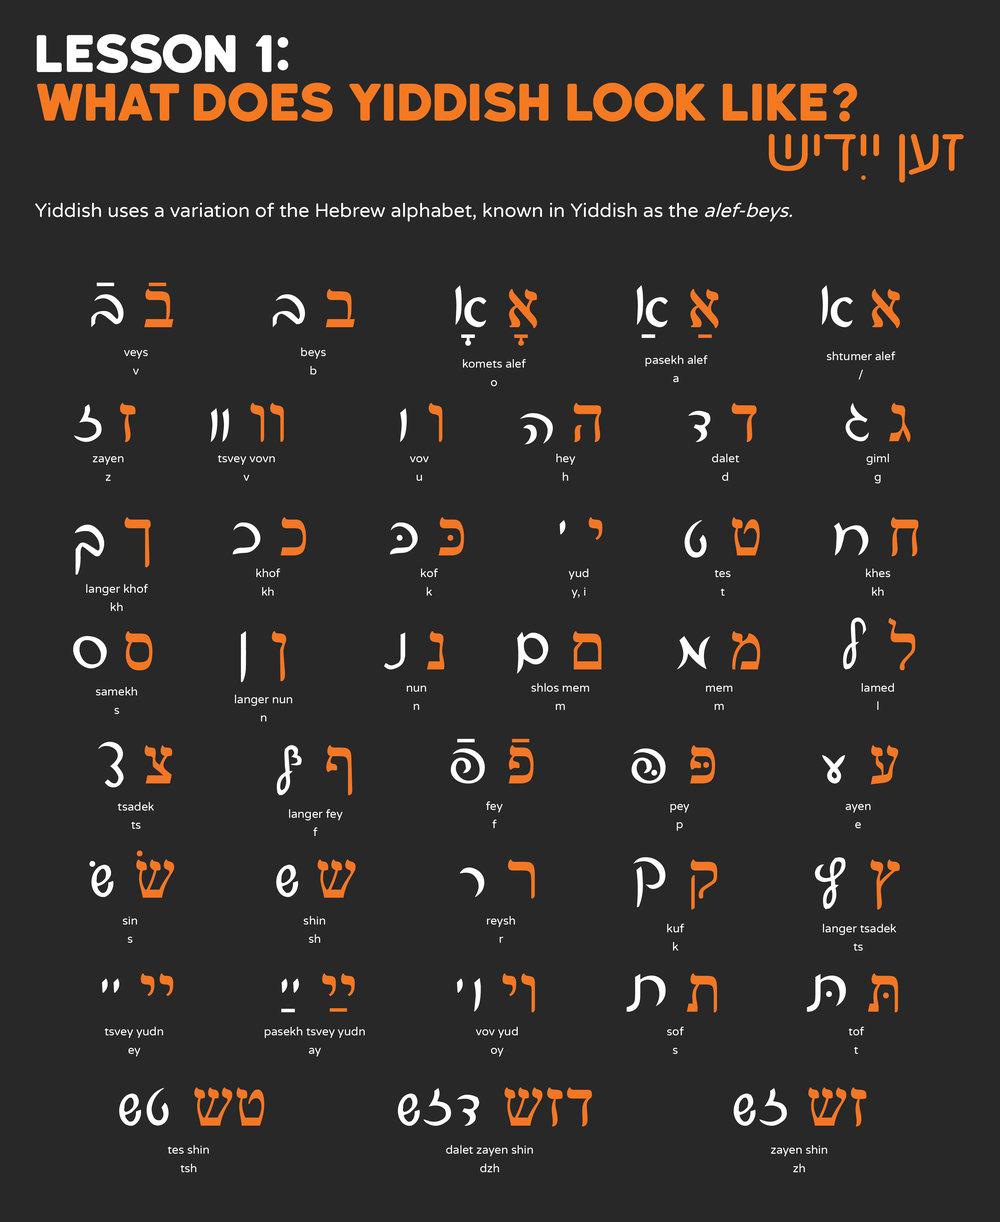 YiddishKheyder_Lesson1_MainPoster.jpg